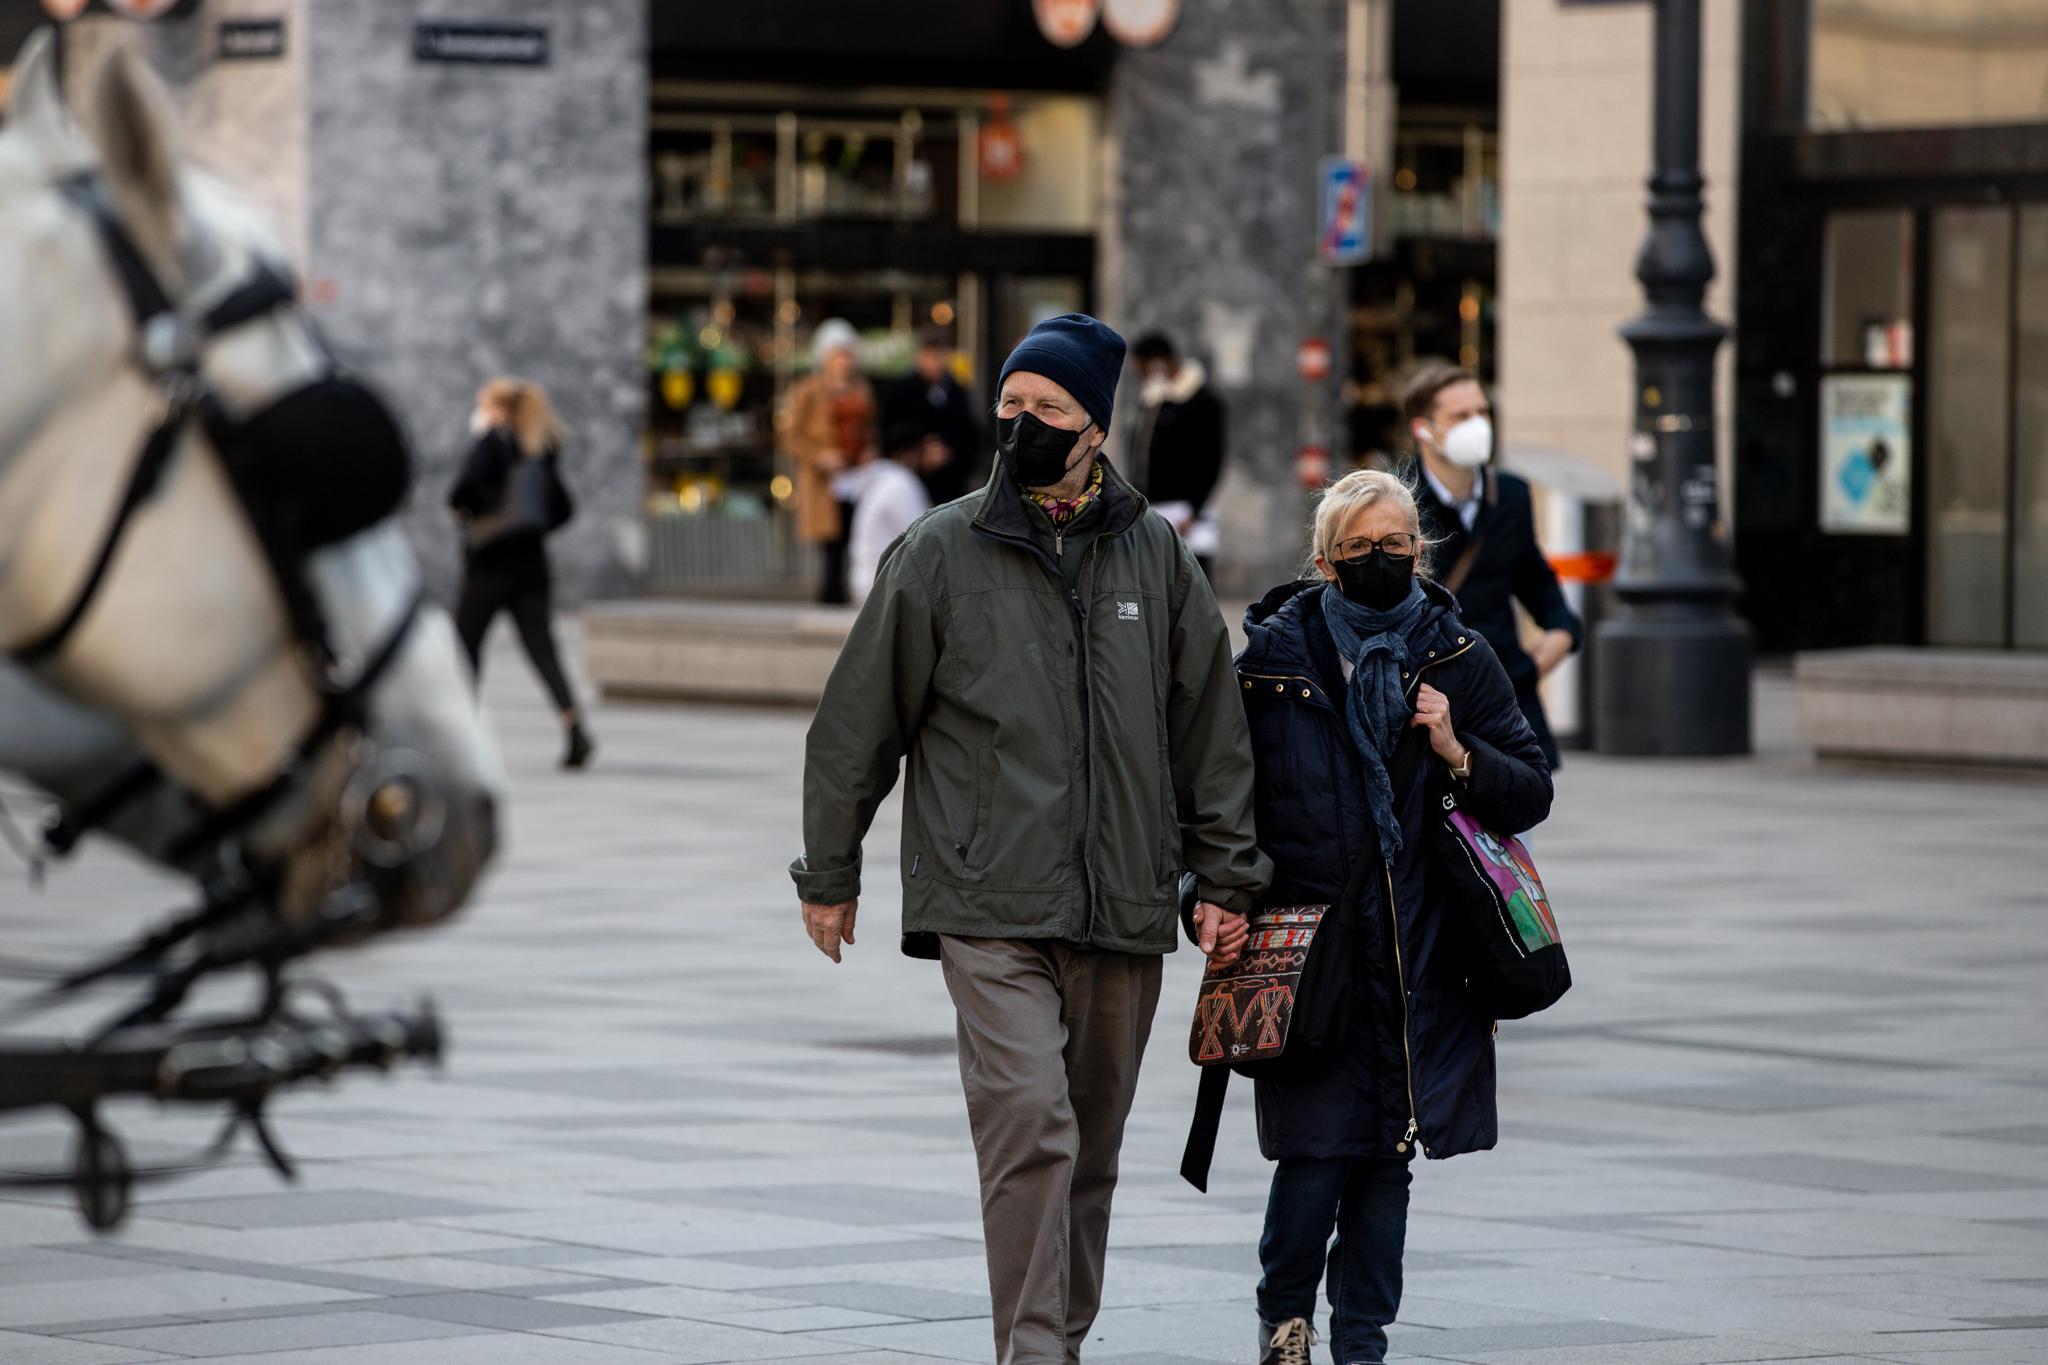 Stručnjaci razradili tri scenarija pandemije koronavirusa